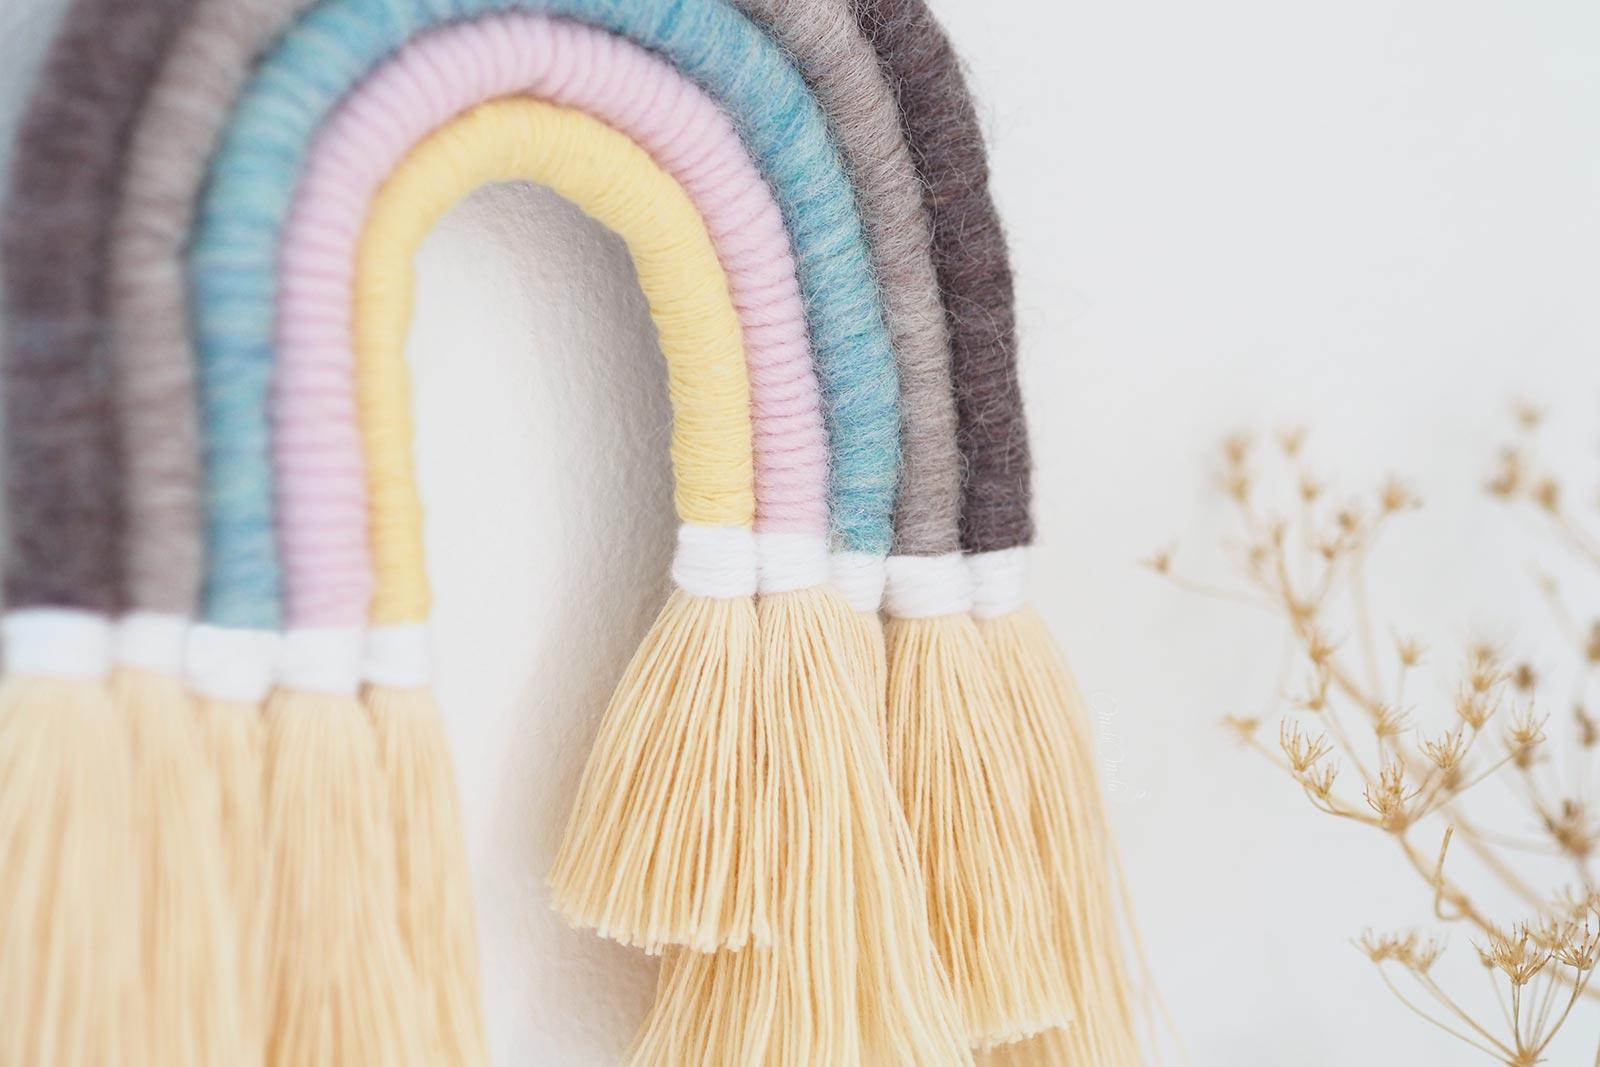 suspension arc-en-ciel-laine-coton-kit-DIY rainbow pastel Boutiquemelimelo